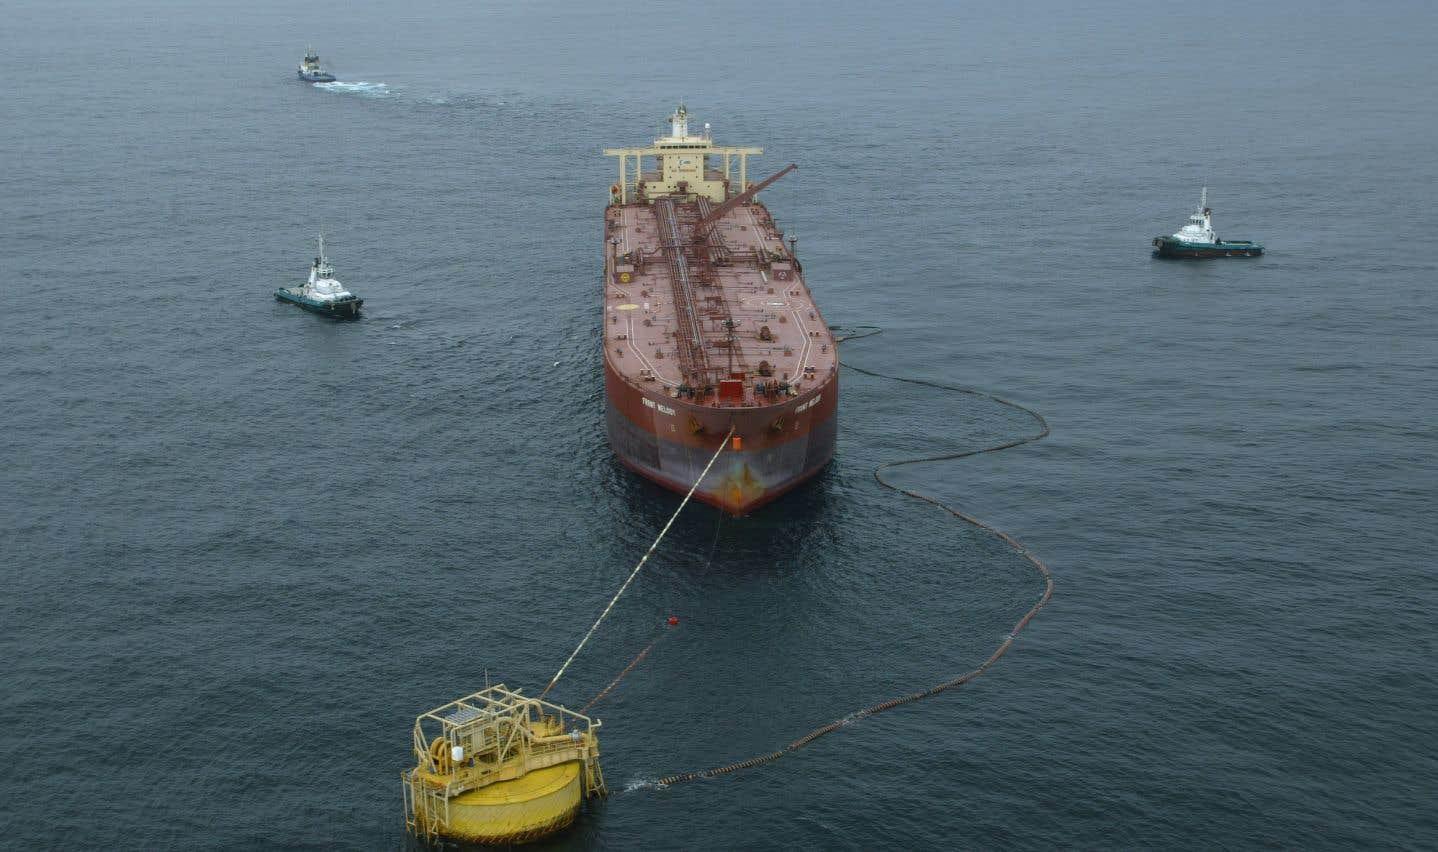 Les groupes écologistes exigeaient le retrait des permis d'exploration accordés en 2016 à 13 entreprises pétrolières dans des zones reculées de la mer de Barents.